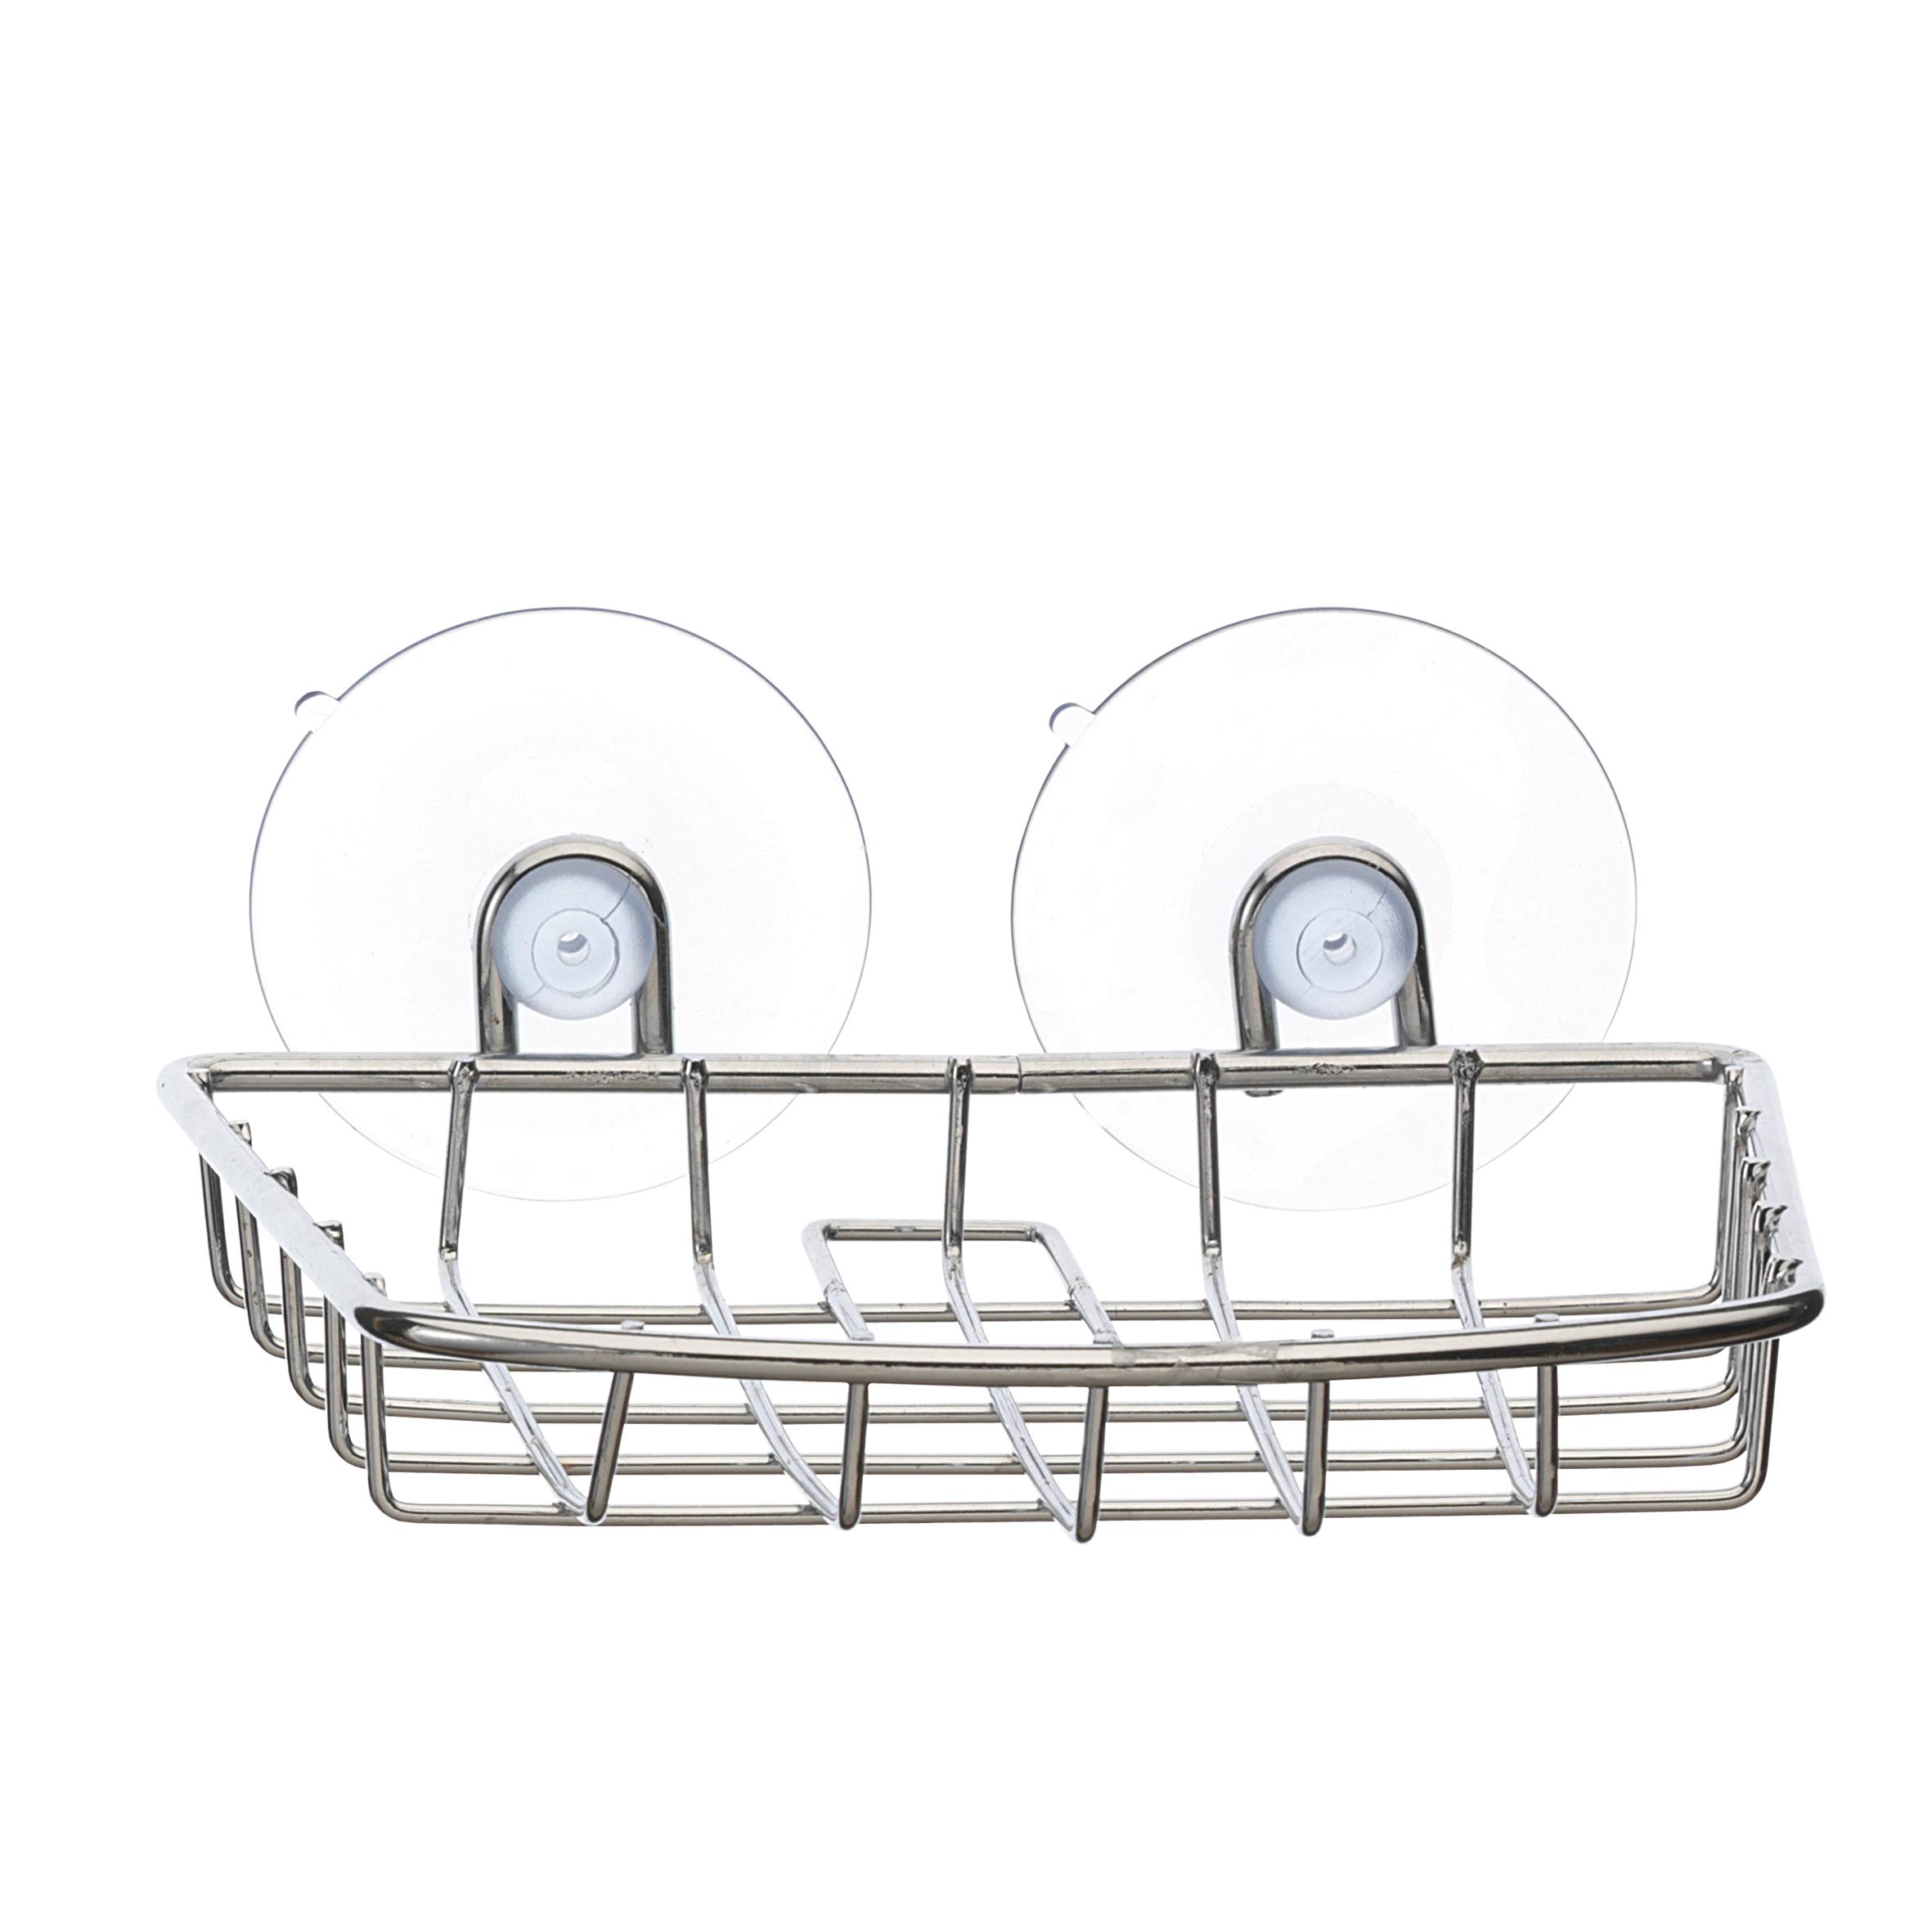 Мыльница Top Star, подвесная, на присосках68/5/3Настенная мыльница Top Star изготовлена из высококачественной хромированной стали. Устойчива к коррозии в условиях высокой влажности в ванной комнате. Крепится к стене на двух присосках (входят в комплект).Такая мыльница притягивает взгляд и прекрасно подойдет к интерьеру ванной комнаты.